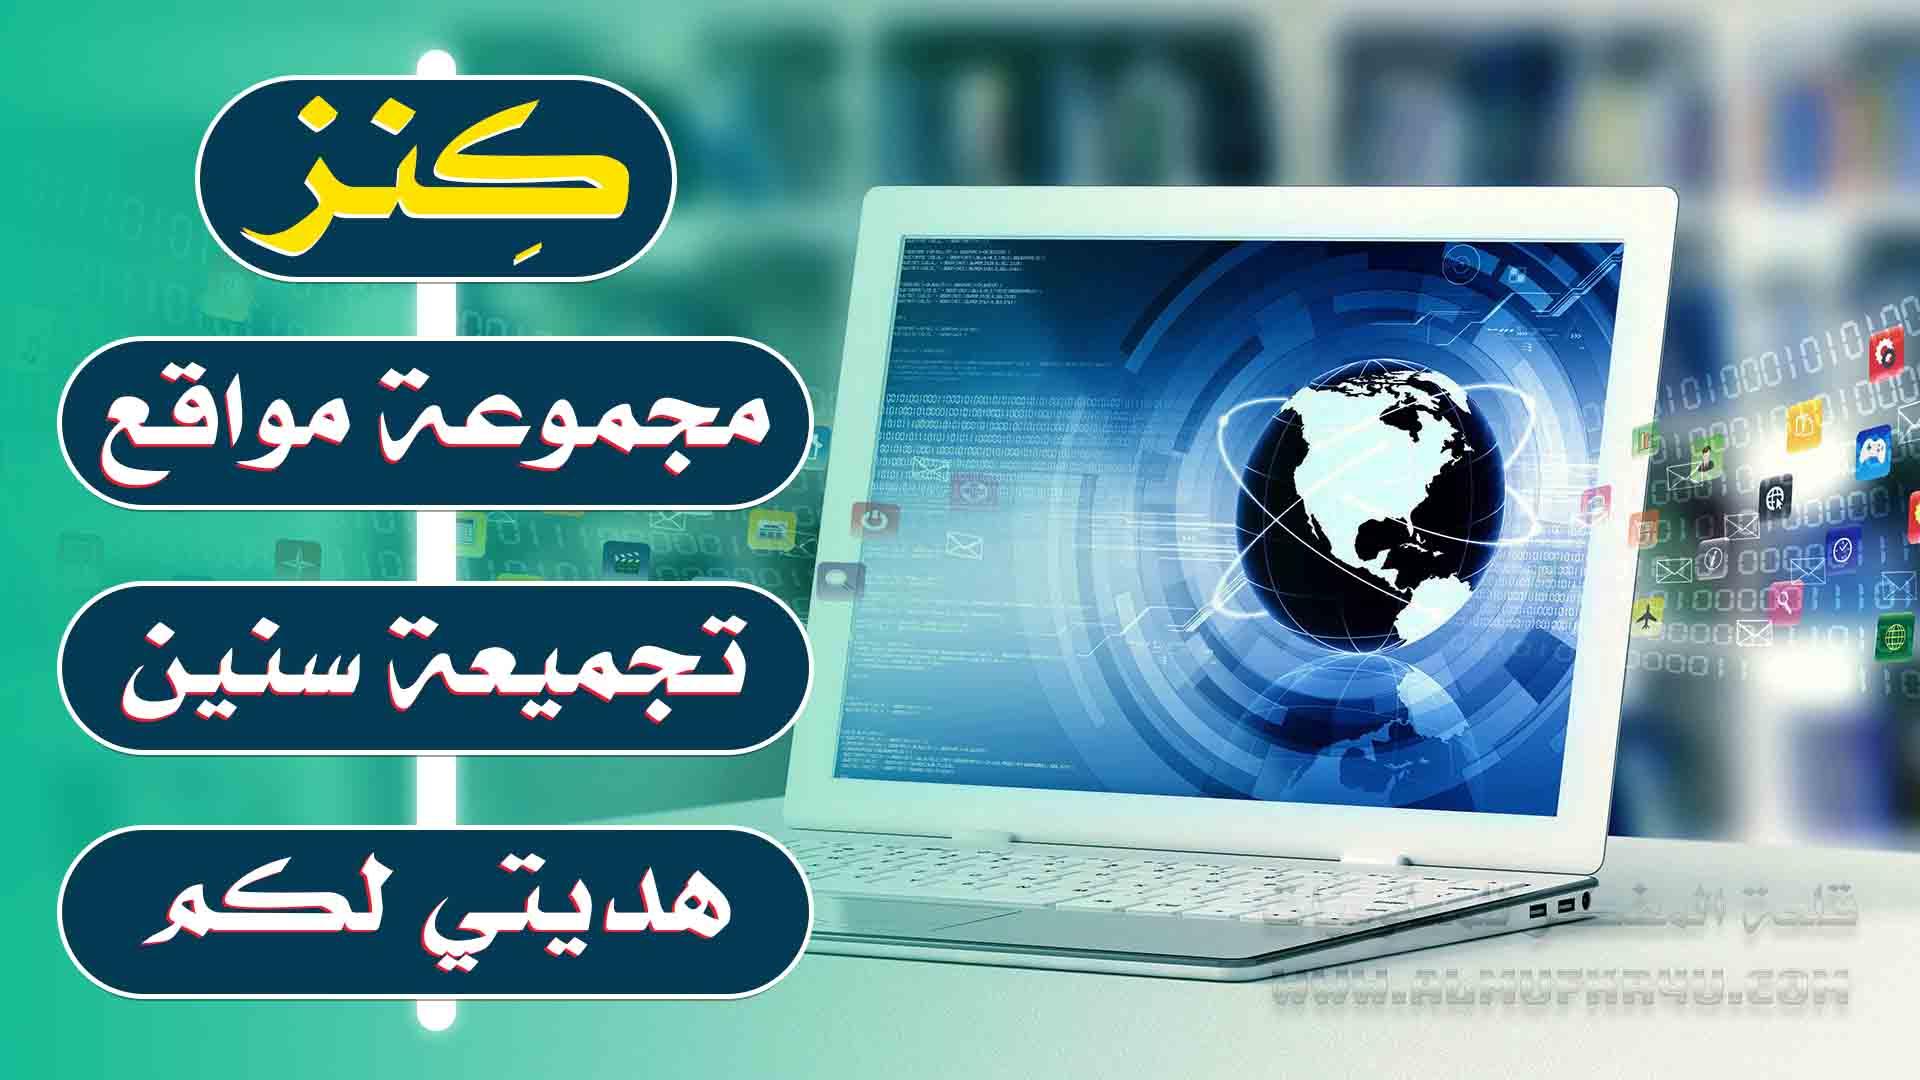 دليل أفضل المواقع الإلكترونية علي الإنترنت للتصفح والتحميل والمشاهدة